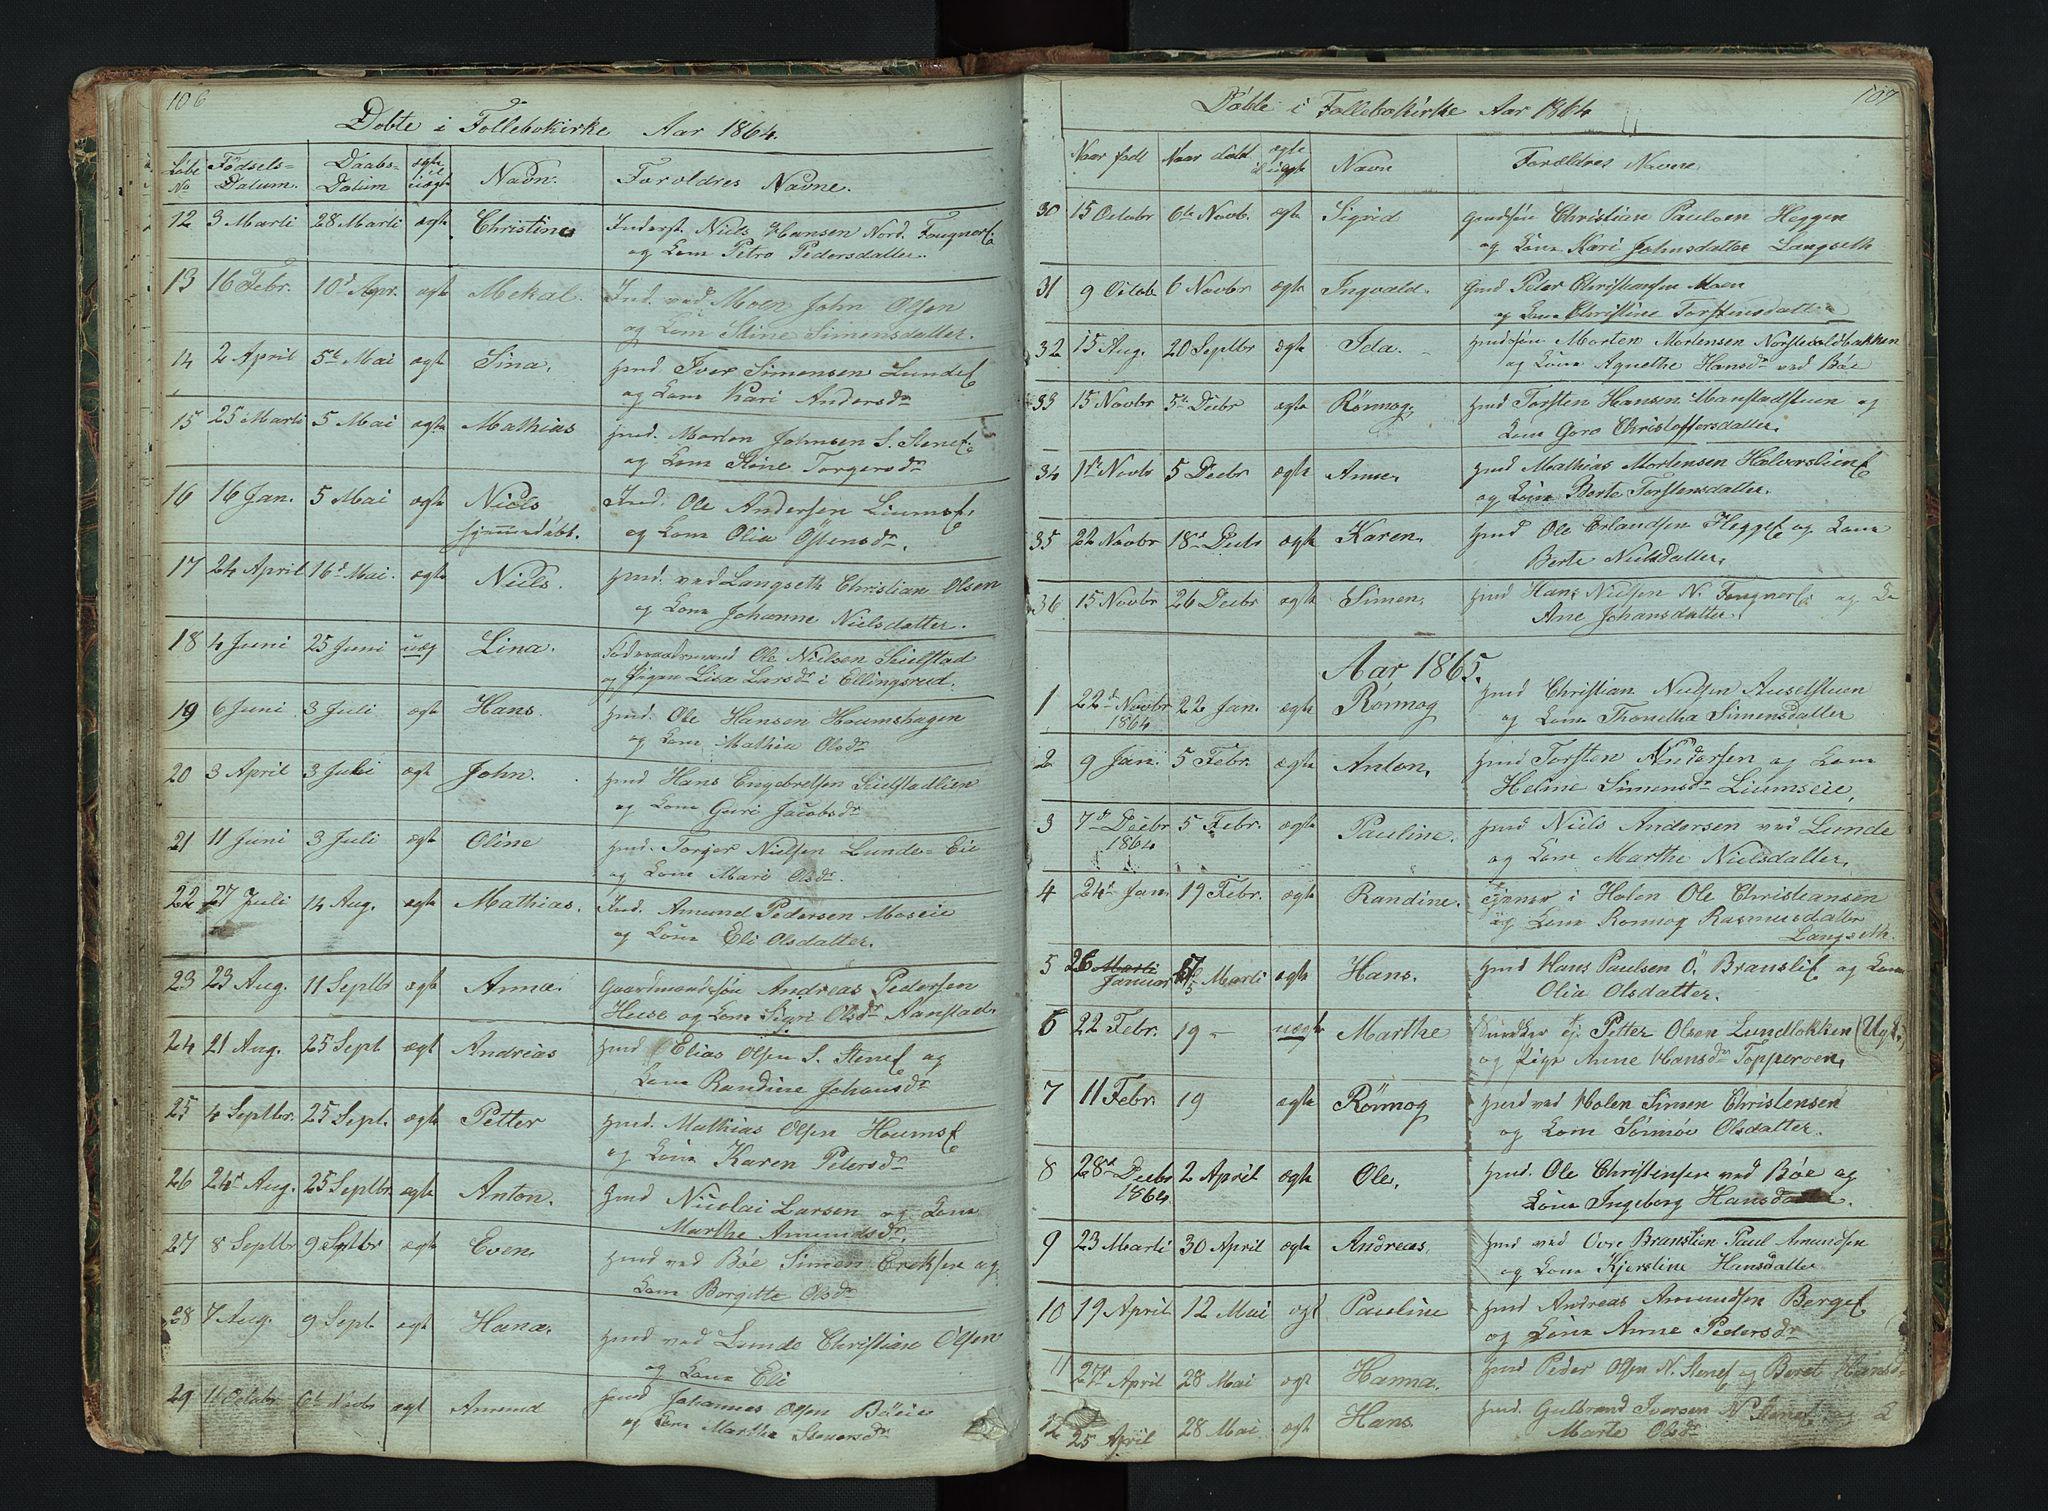 SAH, Gausdal prestekontor, Klokkerbok nr. 6, 1846-1893, s. 106-107